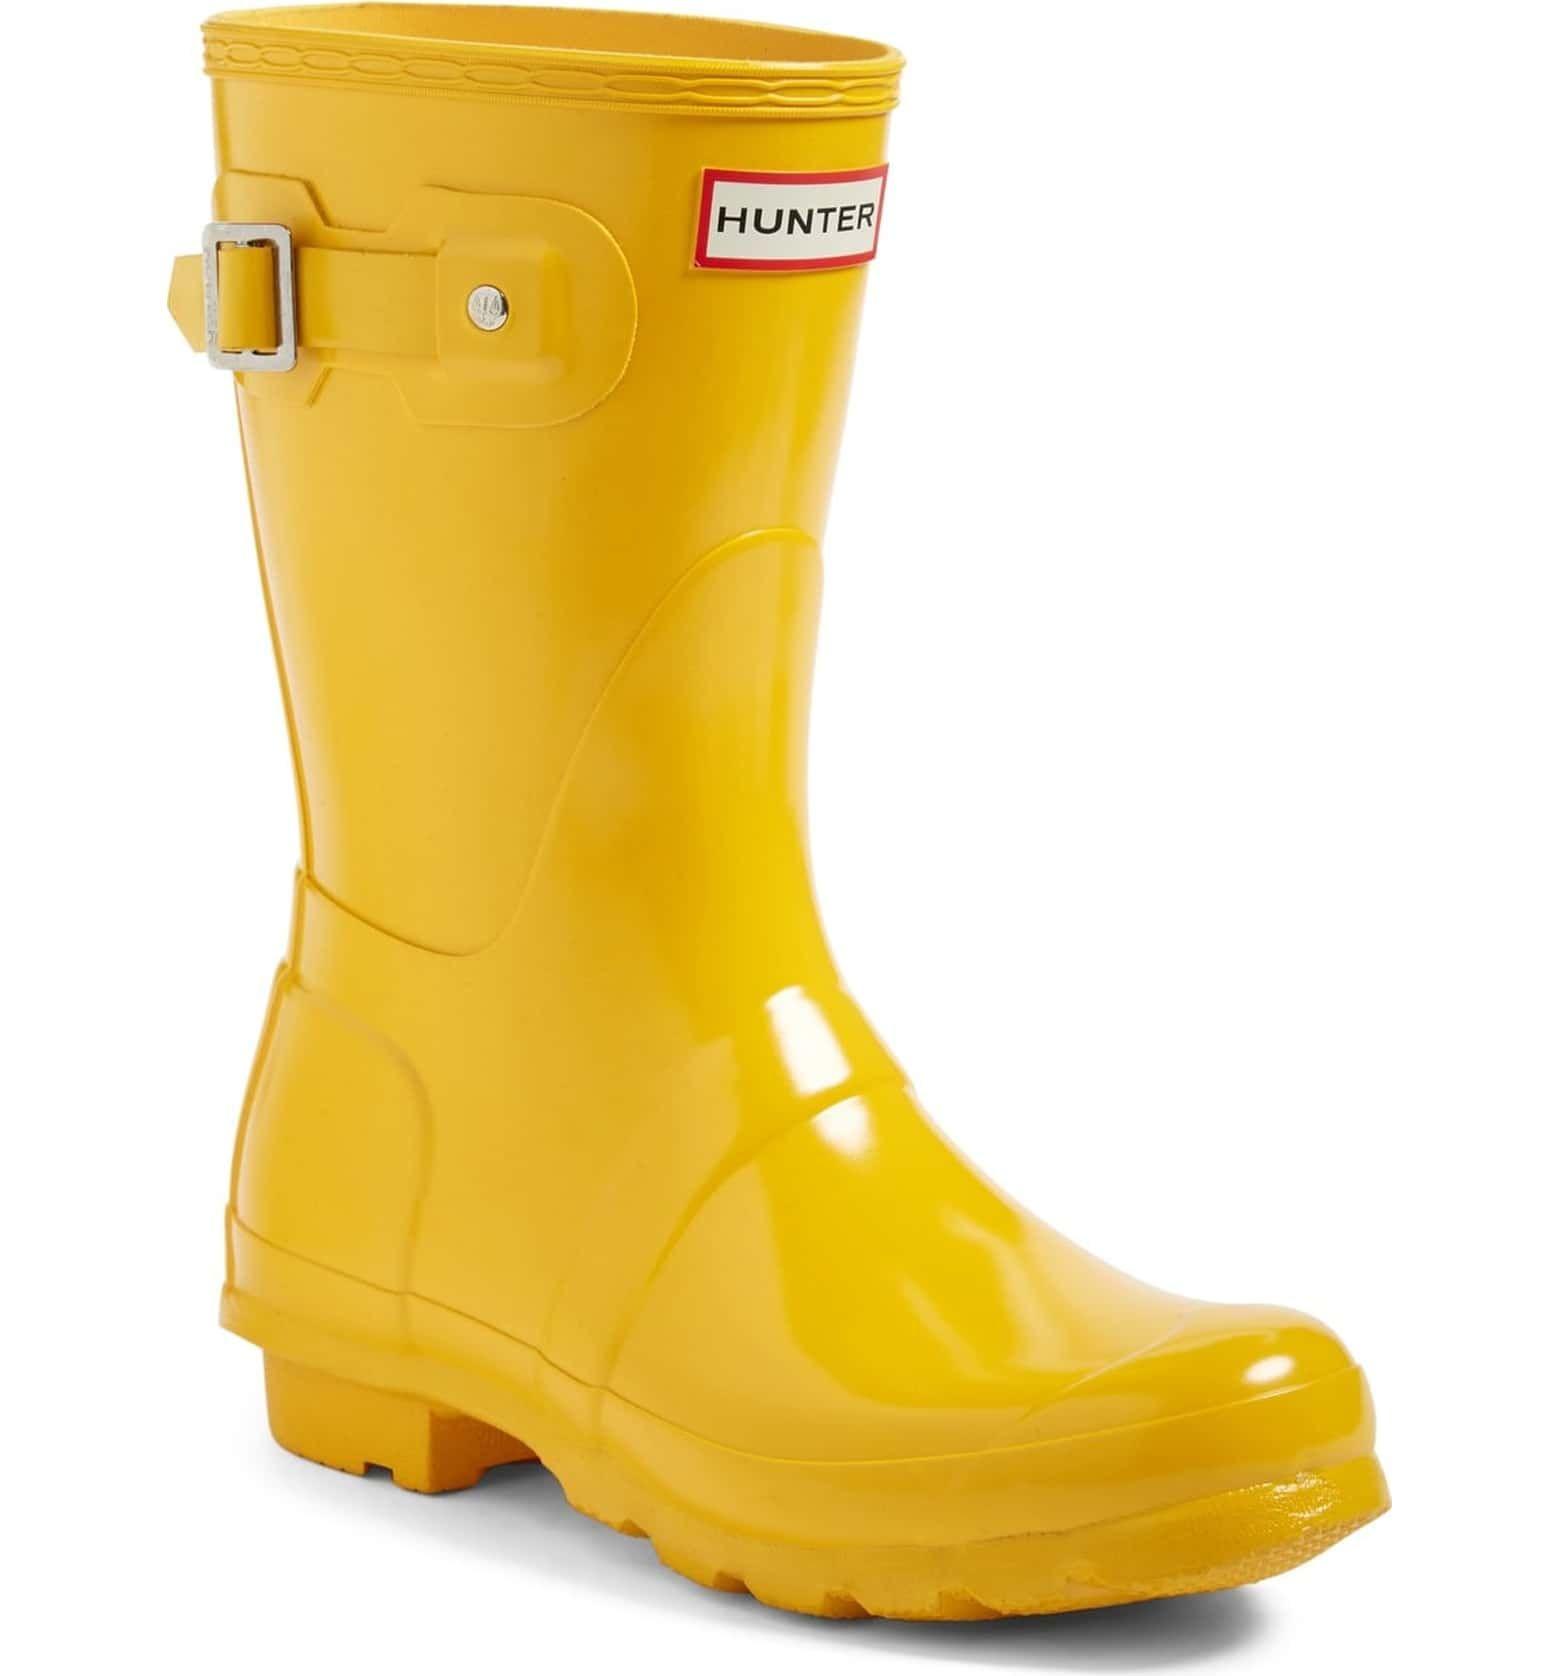 Yellow rain boots, Hunter boots, Rain boots